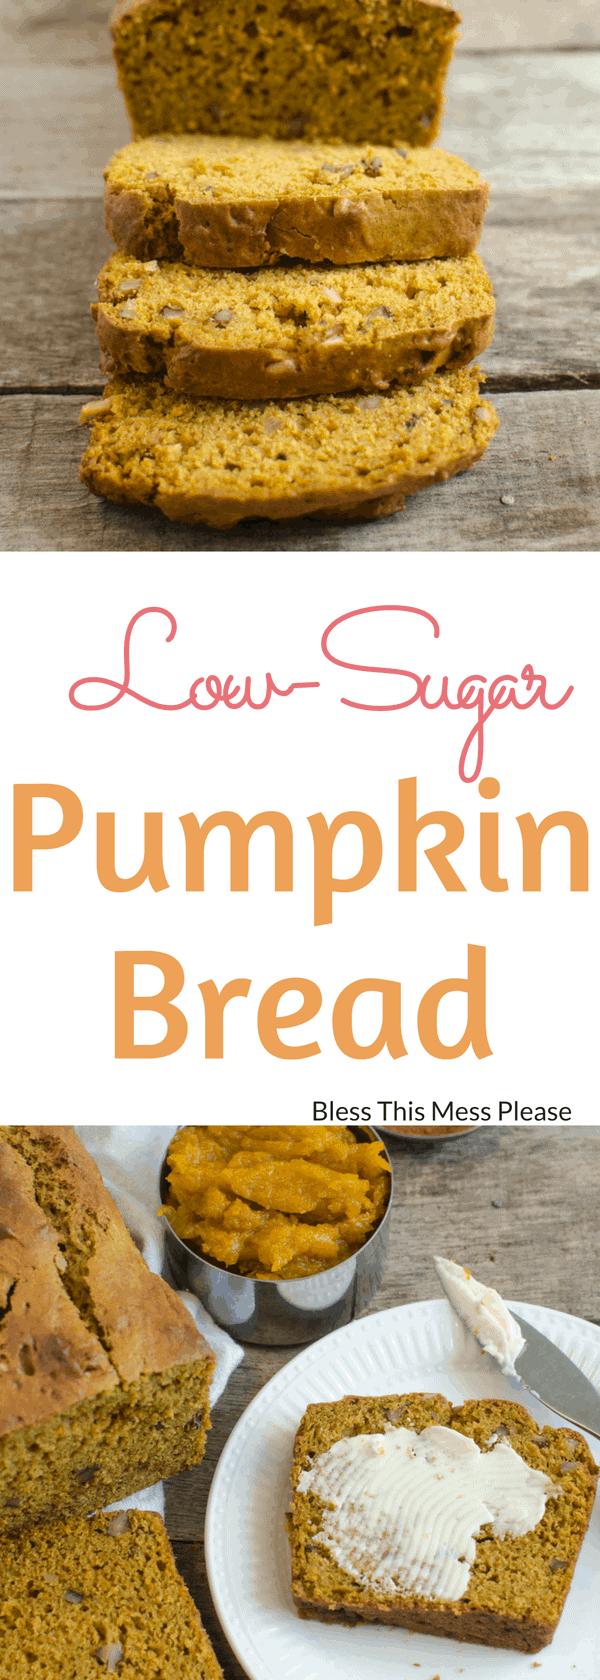 Low-Sugar Pumpkin Bread